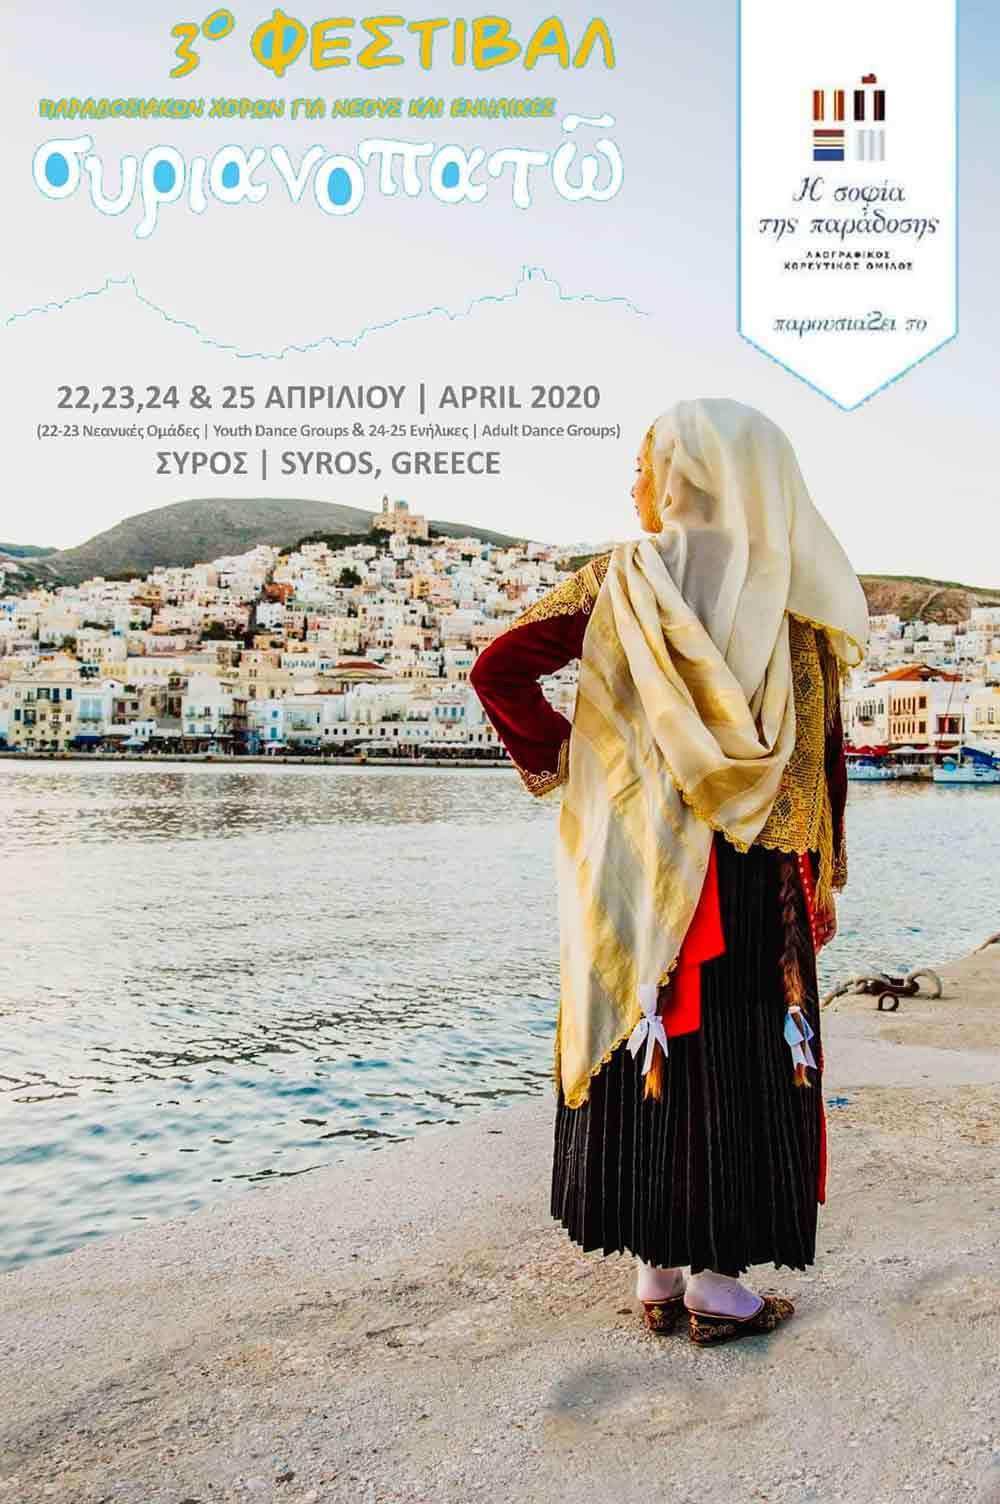 """Ακύρωση του 3ου Φεστιβάλ Παραδοσιακών Χορών """"συριανοπατῶ"""""""